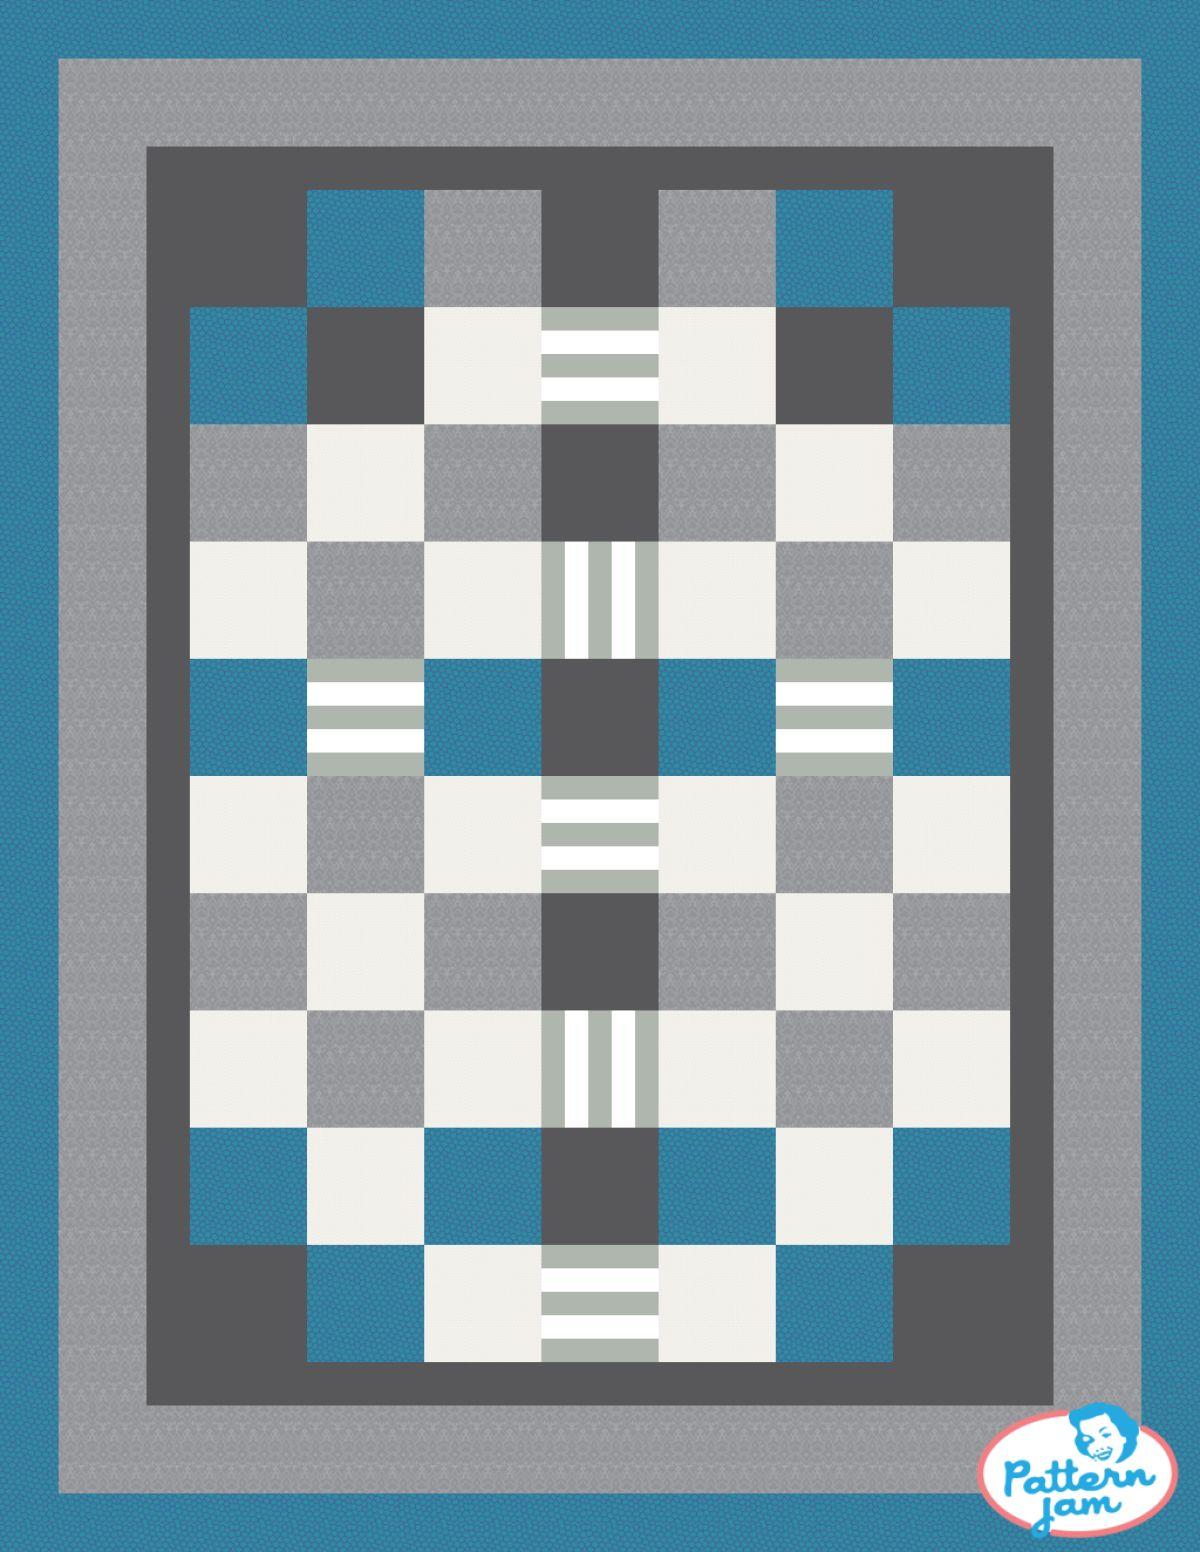 PatternJam - FREE Online Quilt Pattern Design Software ... : quilting games free online - Adamdwight.com